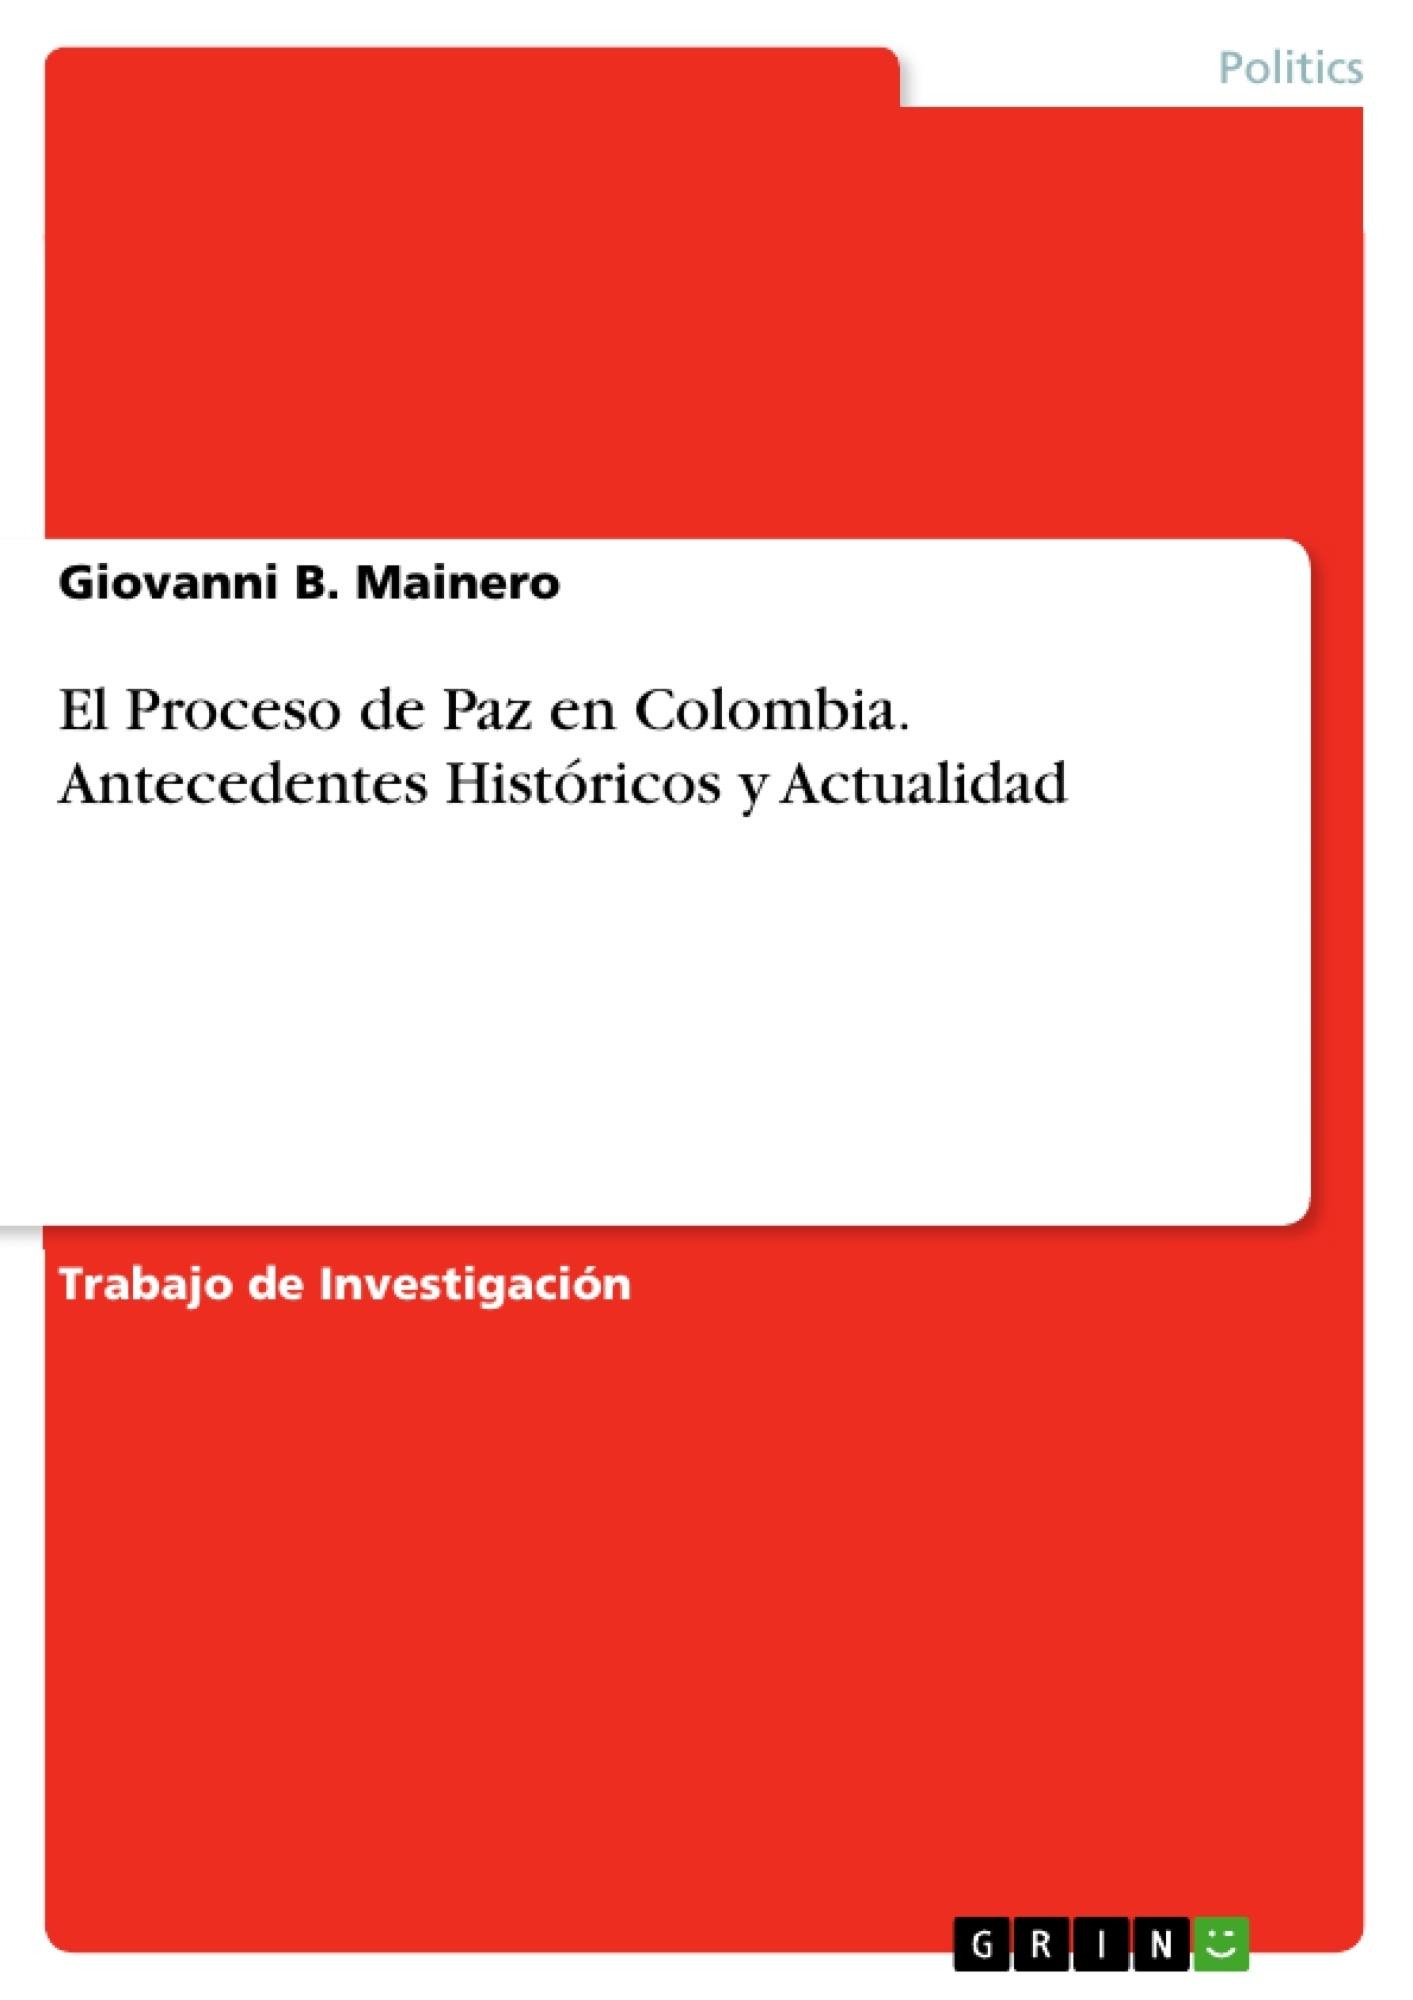 Título: El Proceso de Paz en Colombia. Antecedentes Históricos y Actualidad